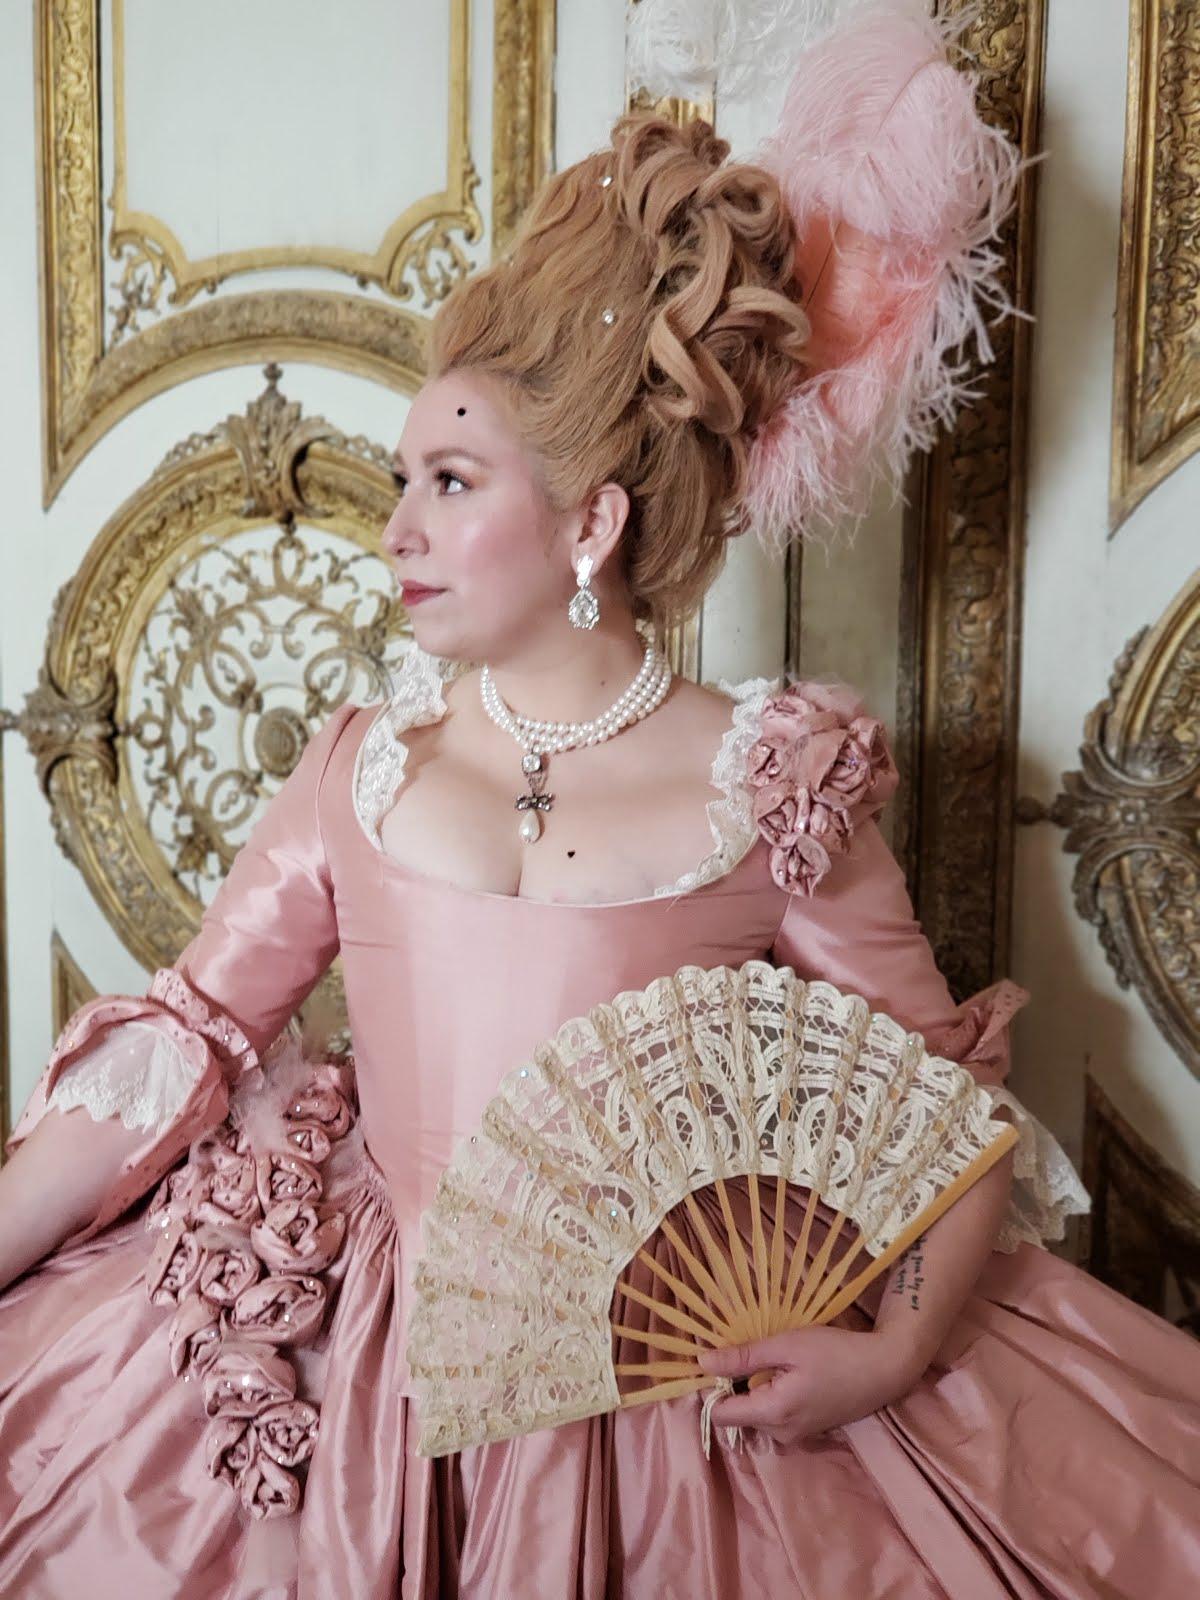 Mrs. Pulecio